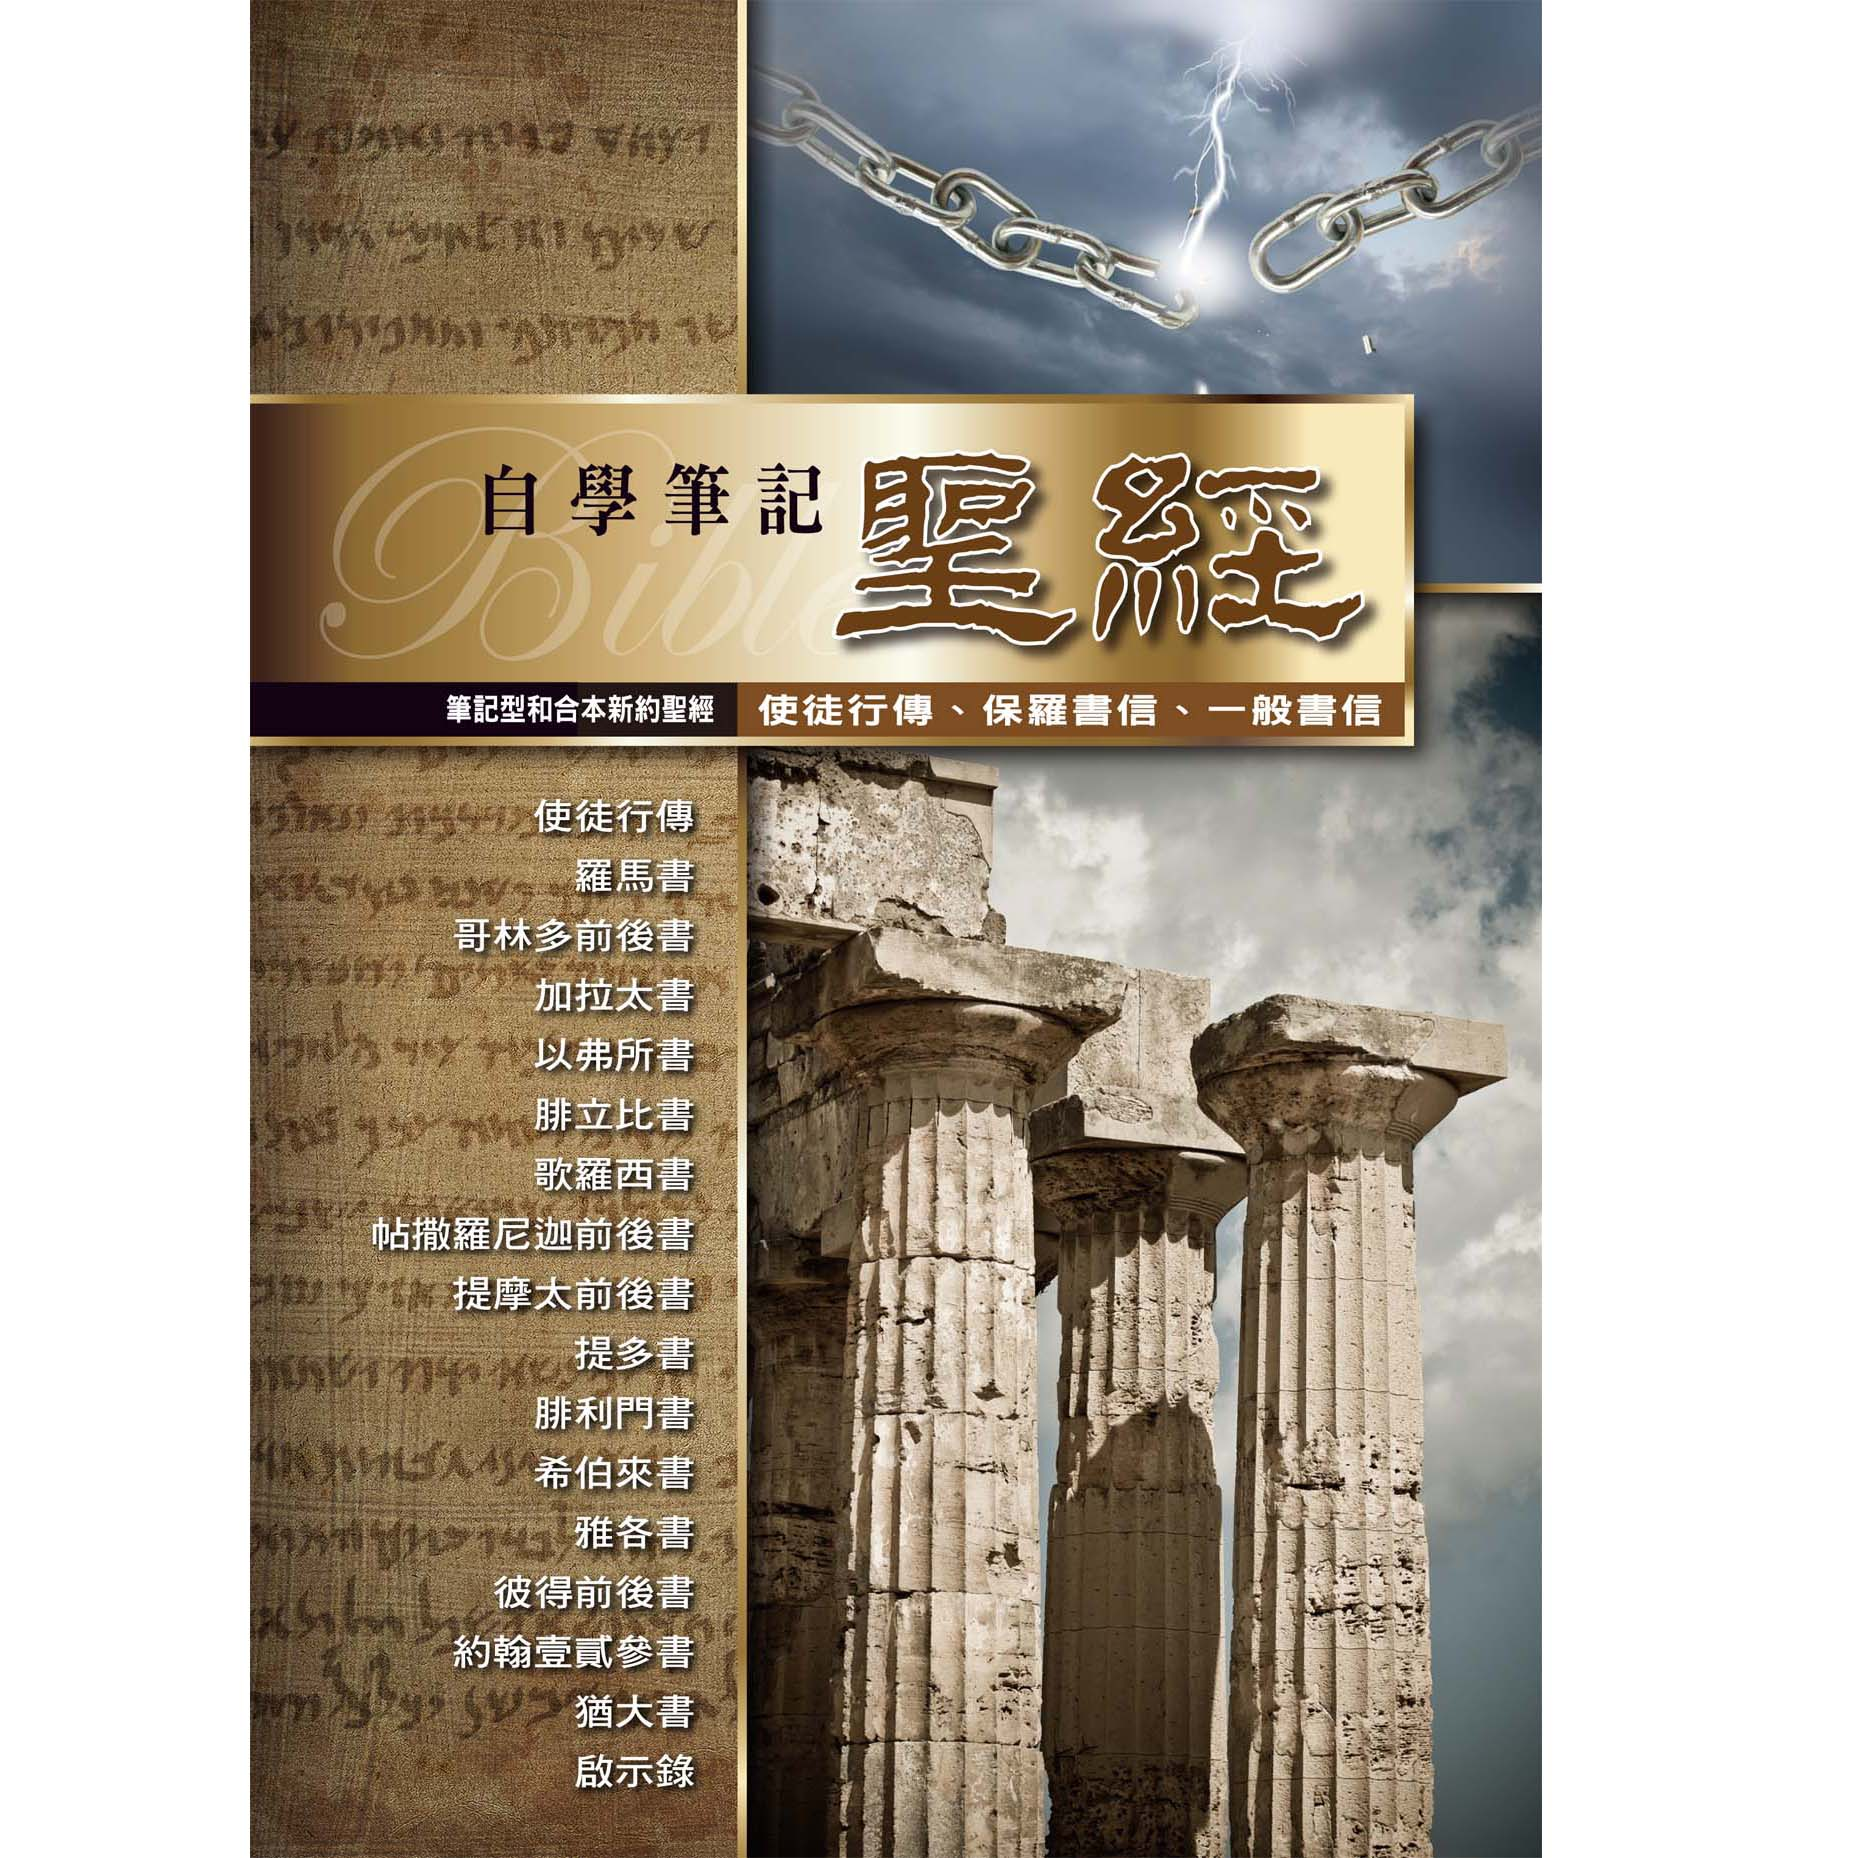 筆記聖經(使徒行傳和書信)